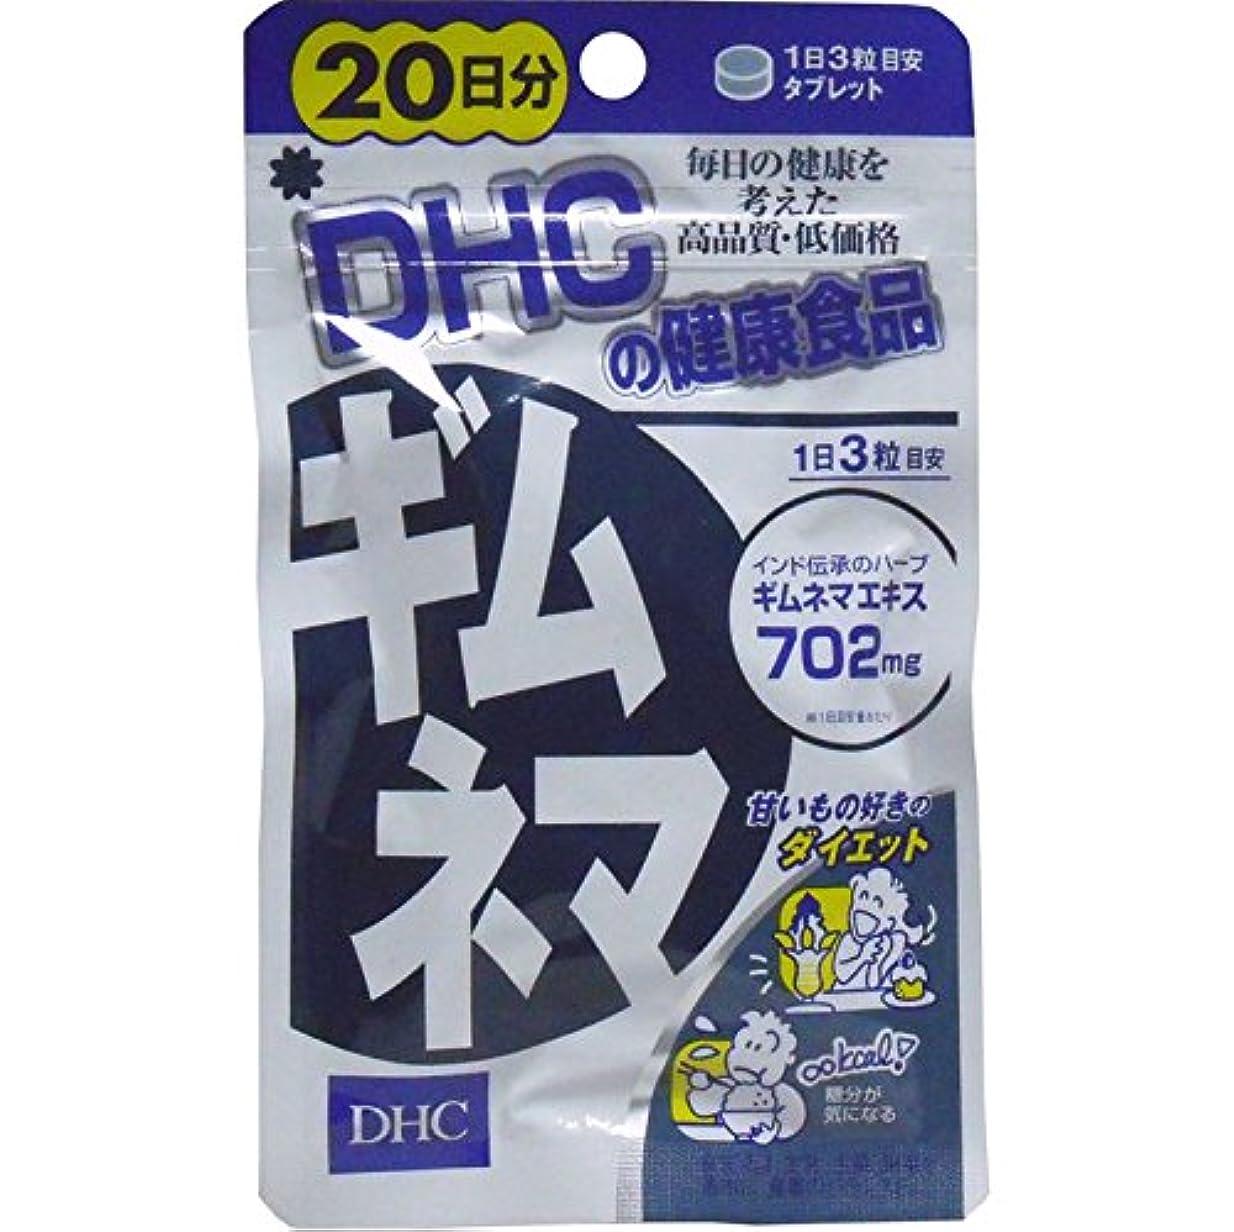 オンス小間タックダイエット 美容 健康 余分な糖分をブロック 便利 DHC ギムネマ 20日分 60粒【5個セット】